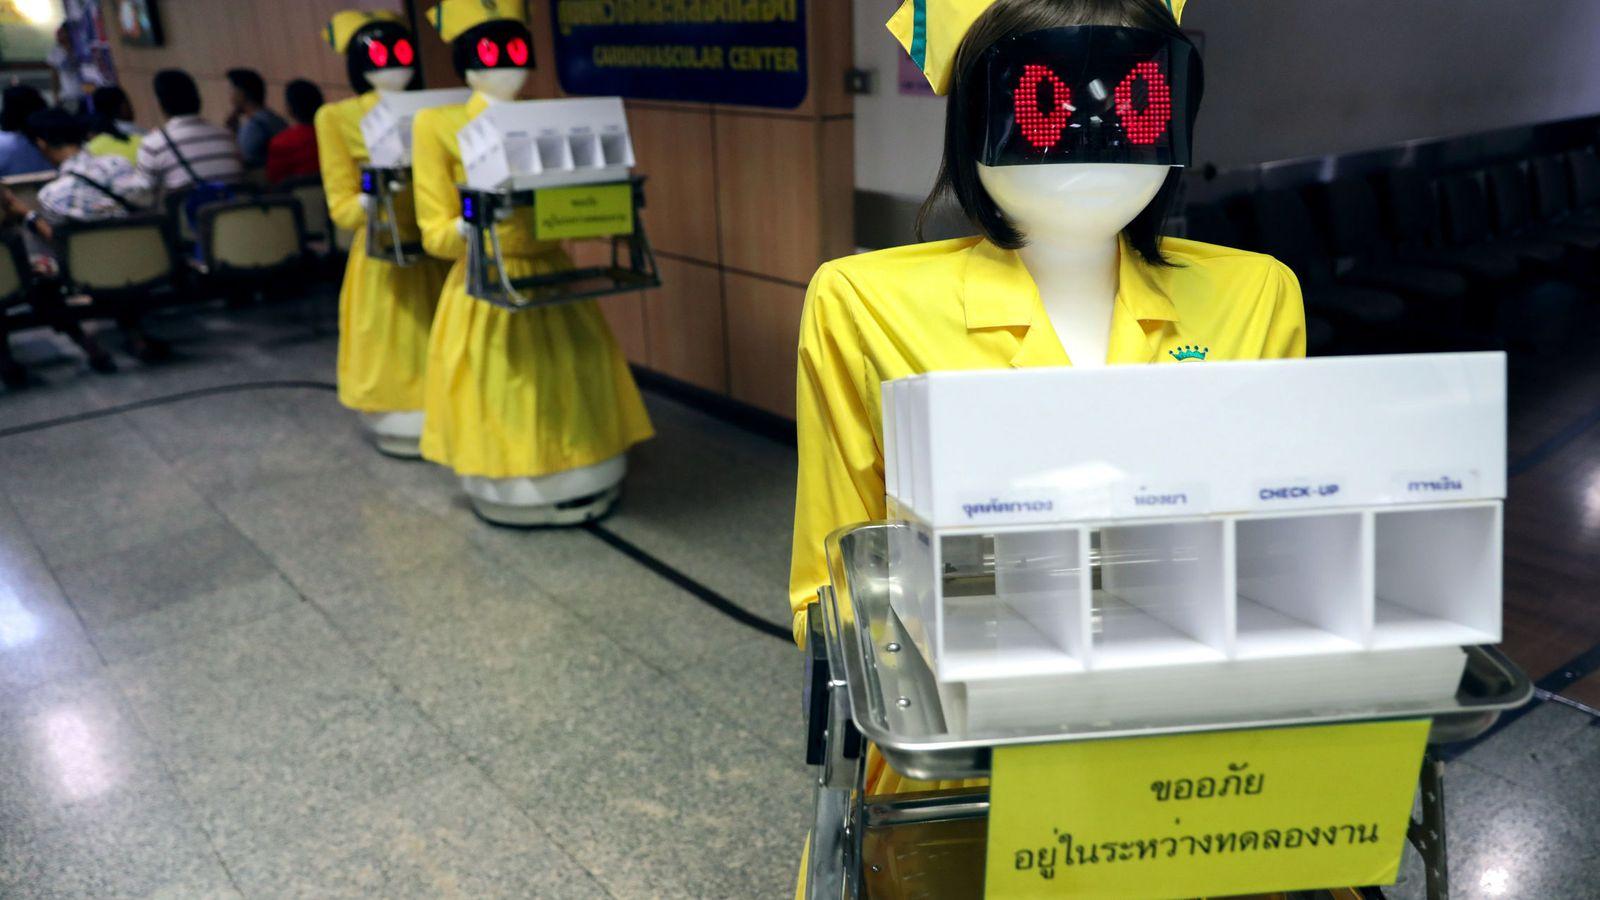 Foto: Robots, vestidos de enfermeras portan documentos en un hospital de Bangkok. (Reuters)